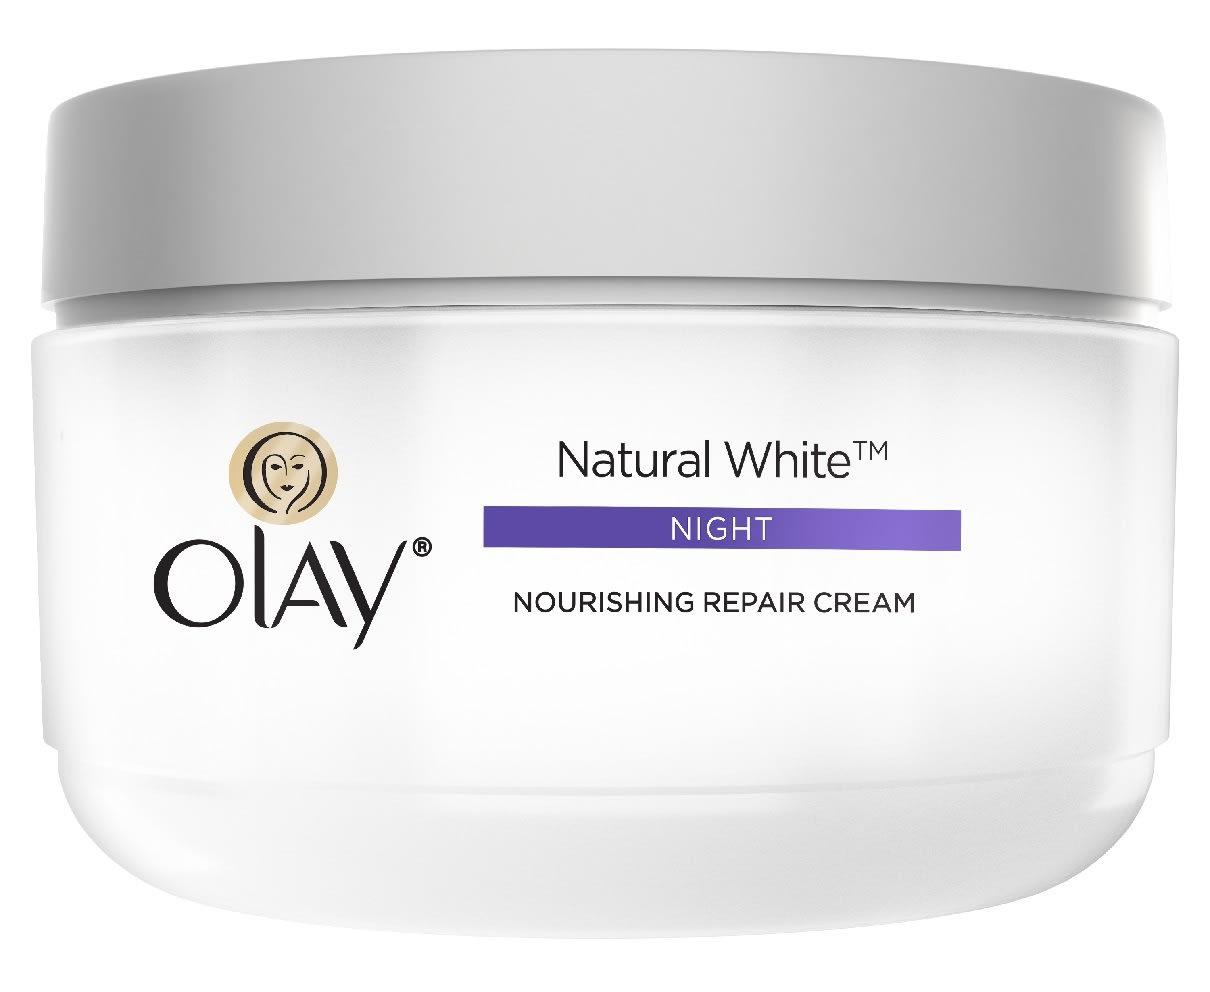 Olay Natural White 7 In One Night Nourishing Repair Cream